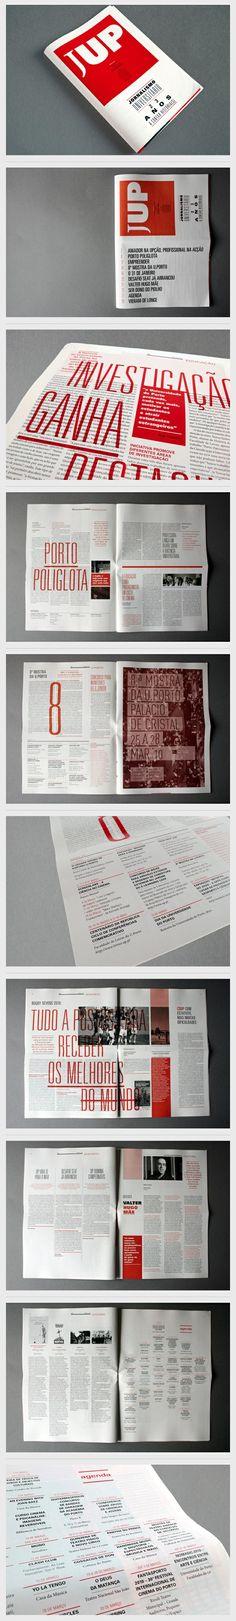 http://www.behance.net/gallery/JUP/948813